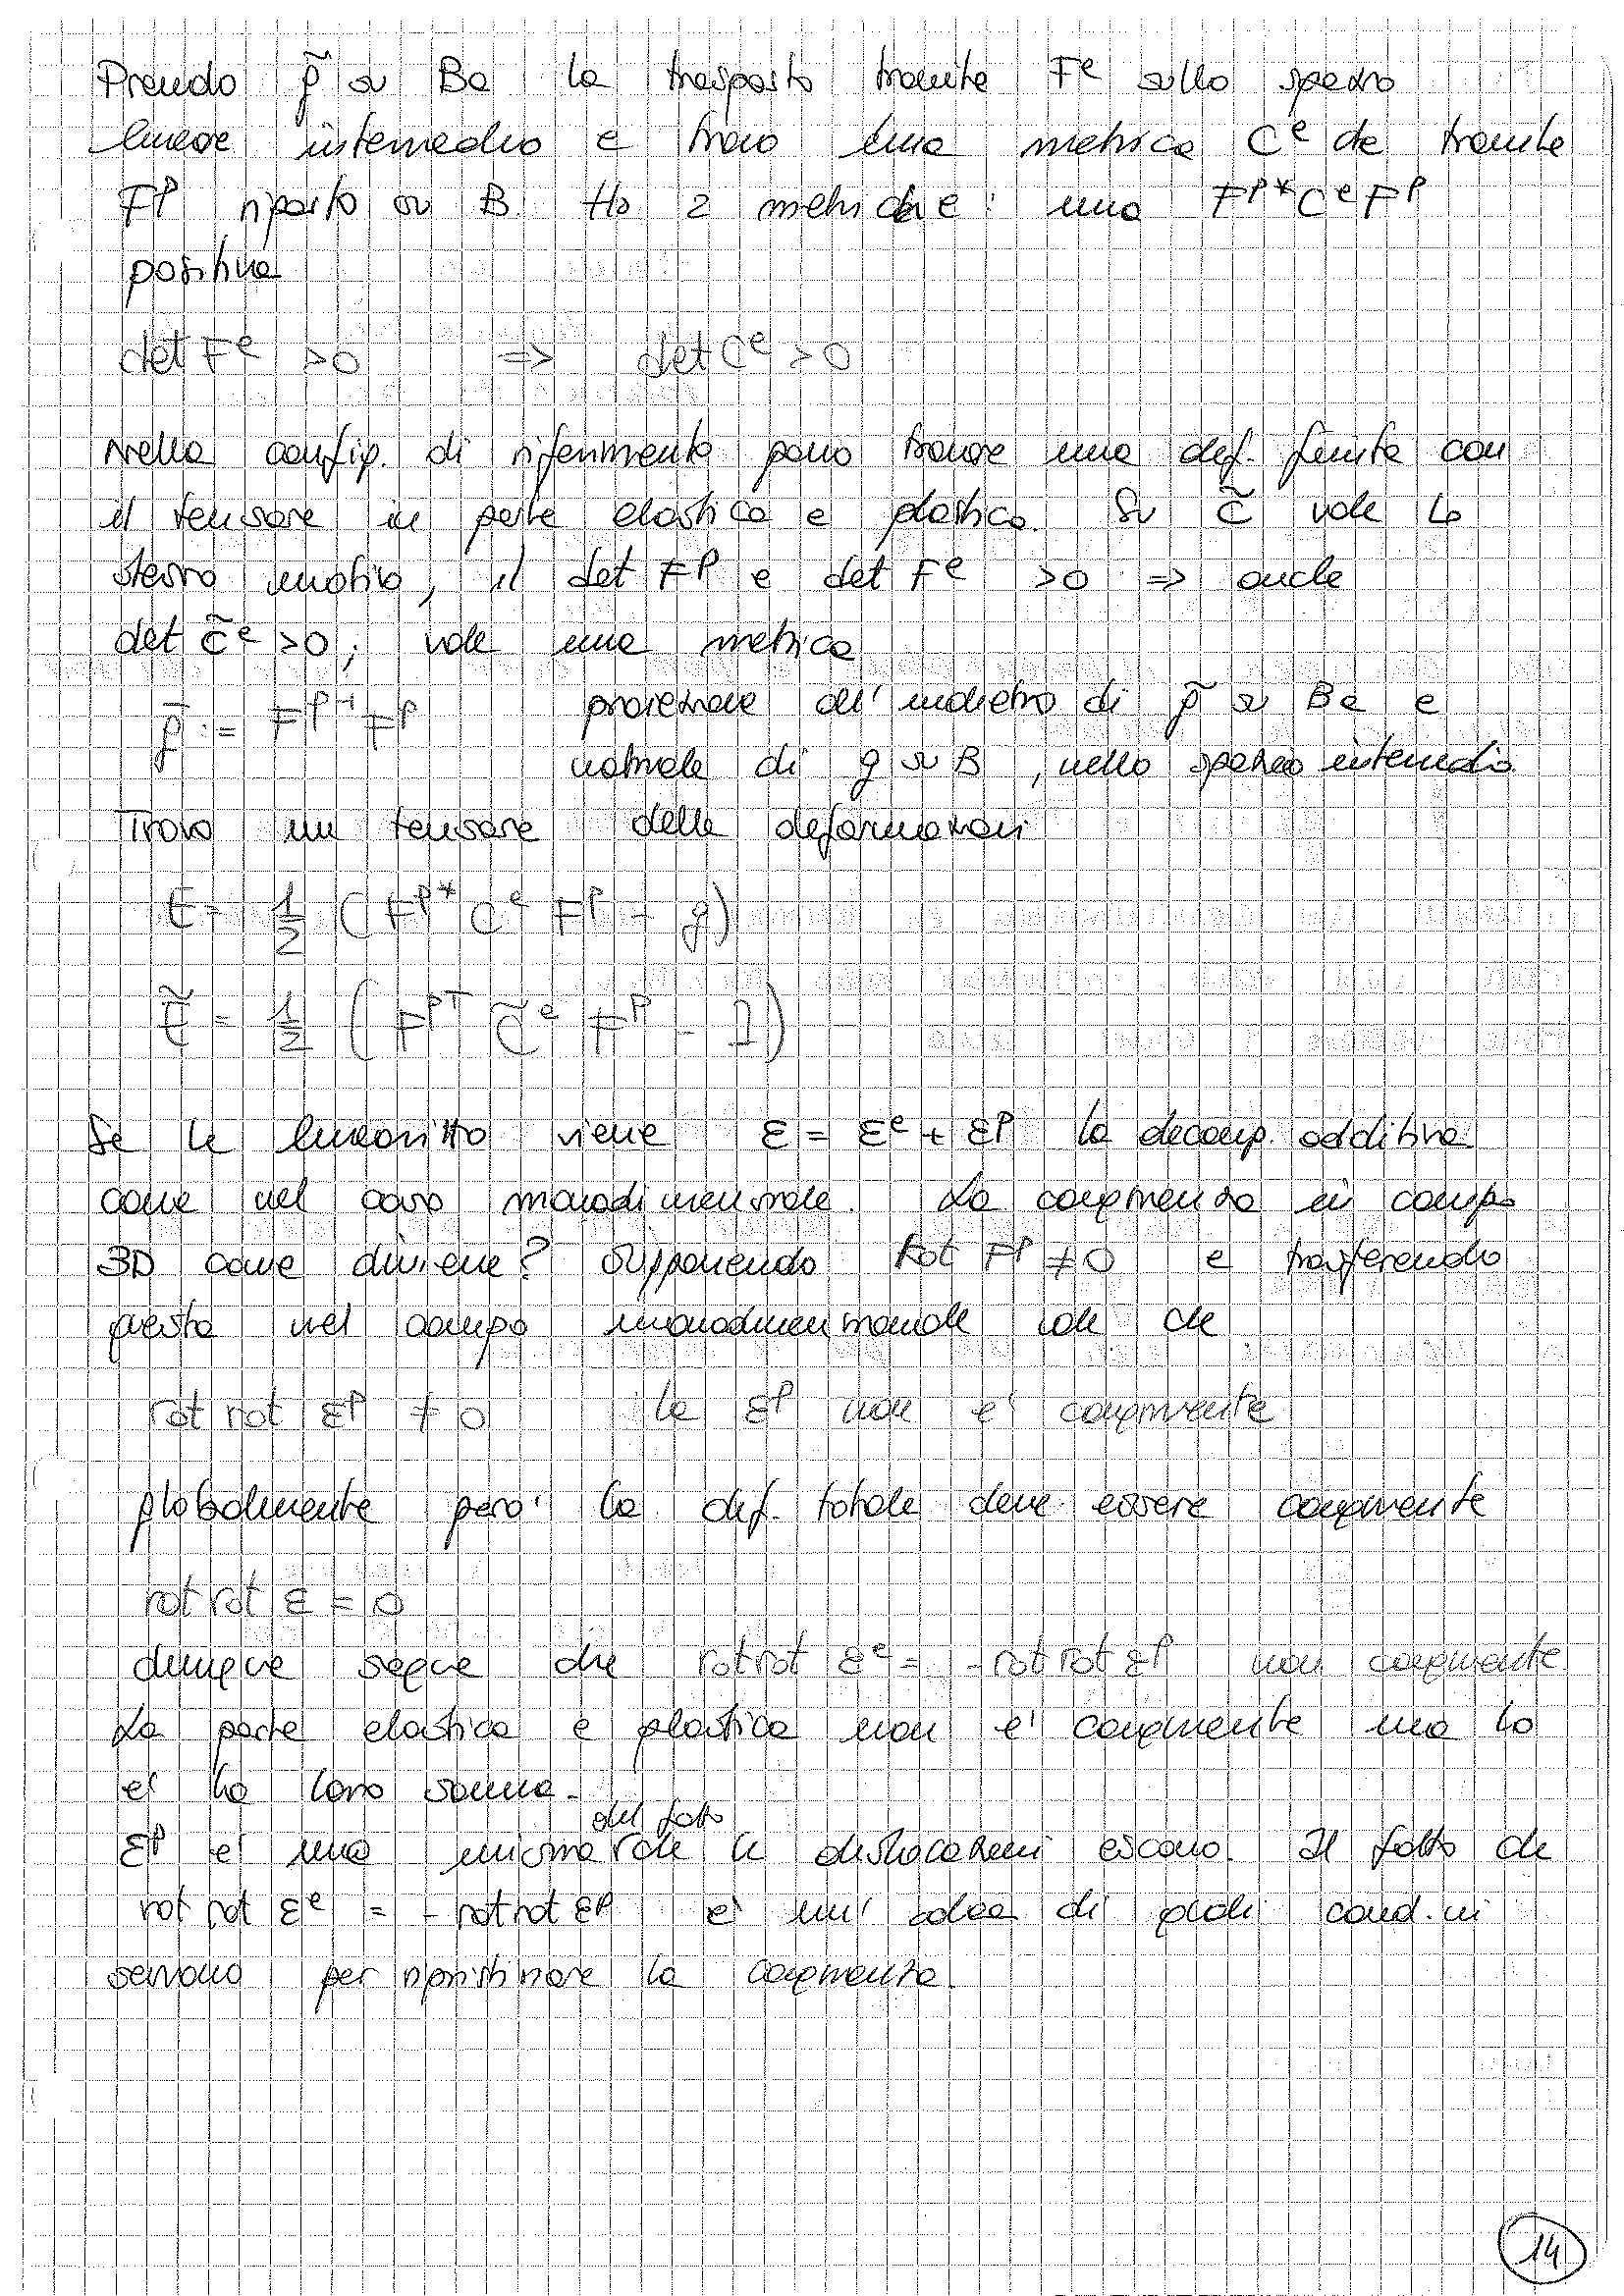 Teoria delle strutture - Appunti Pag. 31